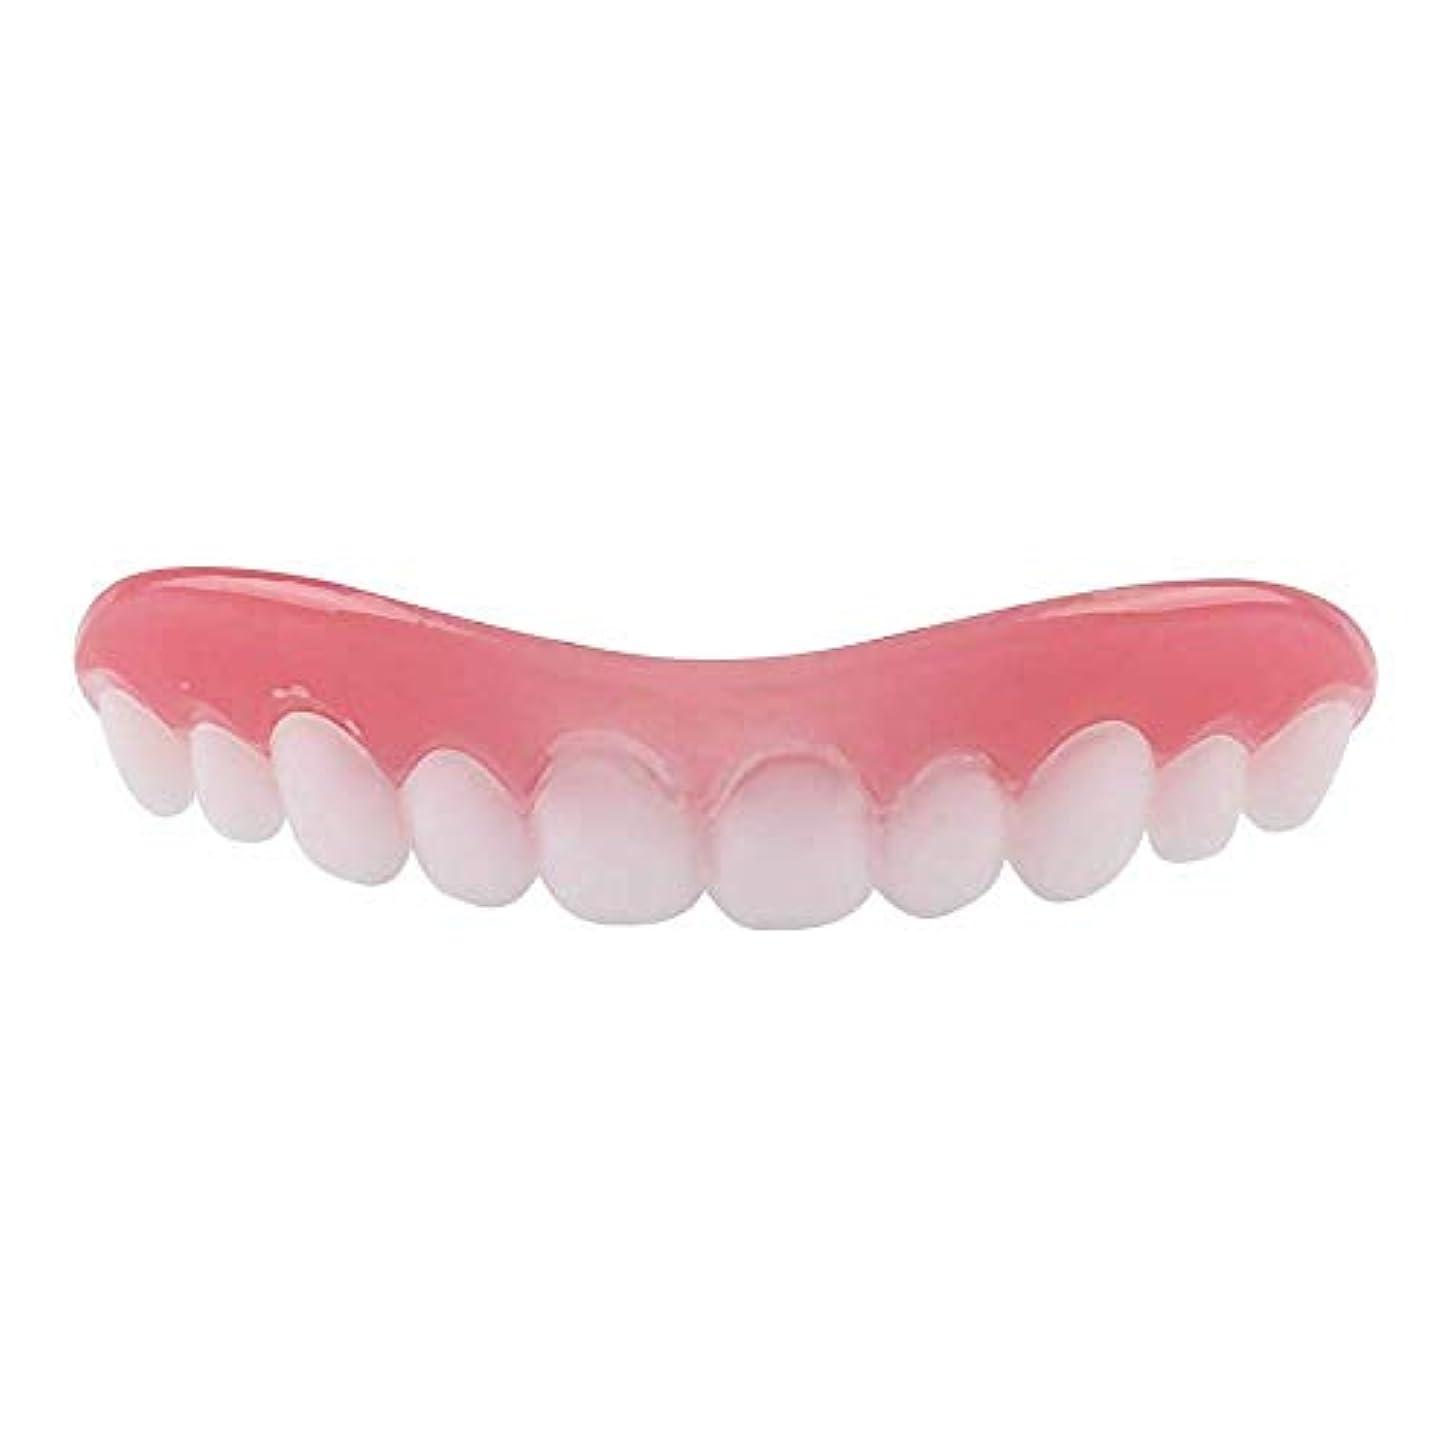 論争的謙虚な固執Roman Center アクセティース 歯ホワイトニング シリコン義歯ペースト 上歯 笑顔を保つ 歯保護 歯カバー 美容用 入れ歯